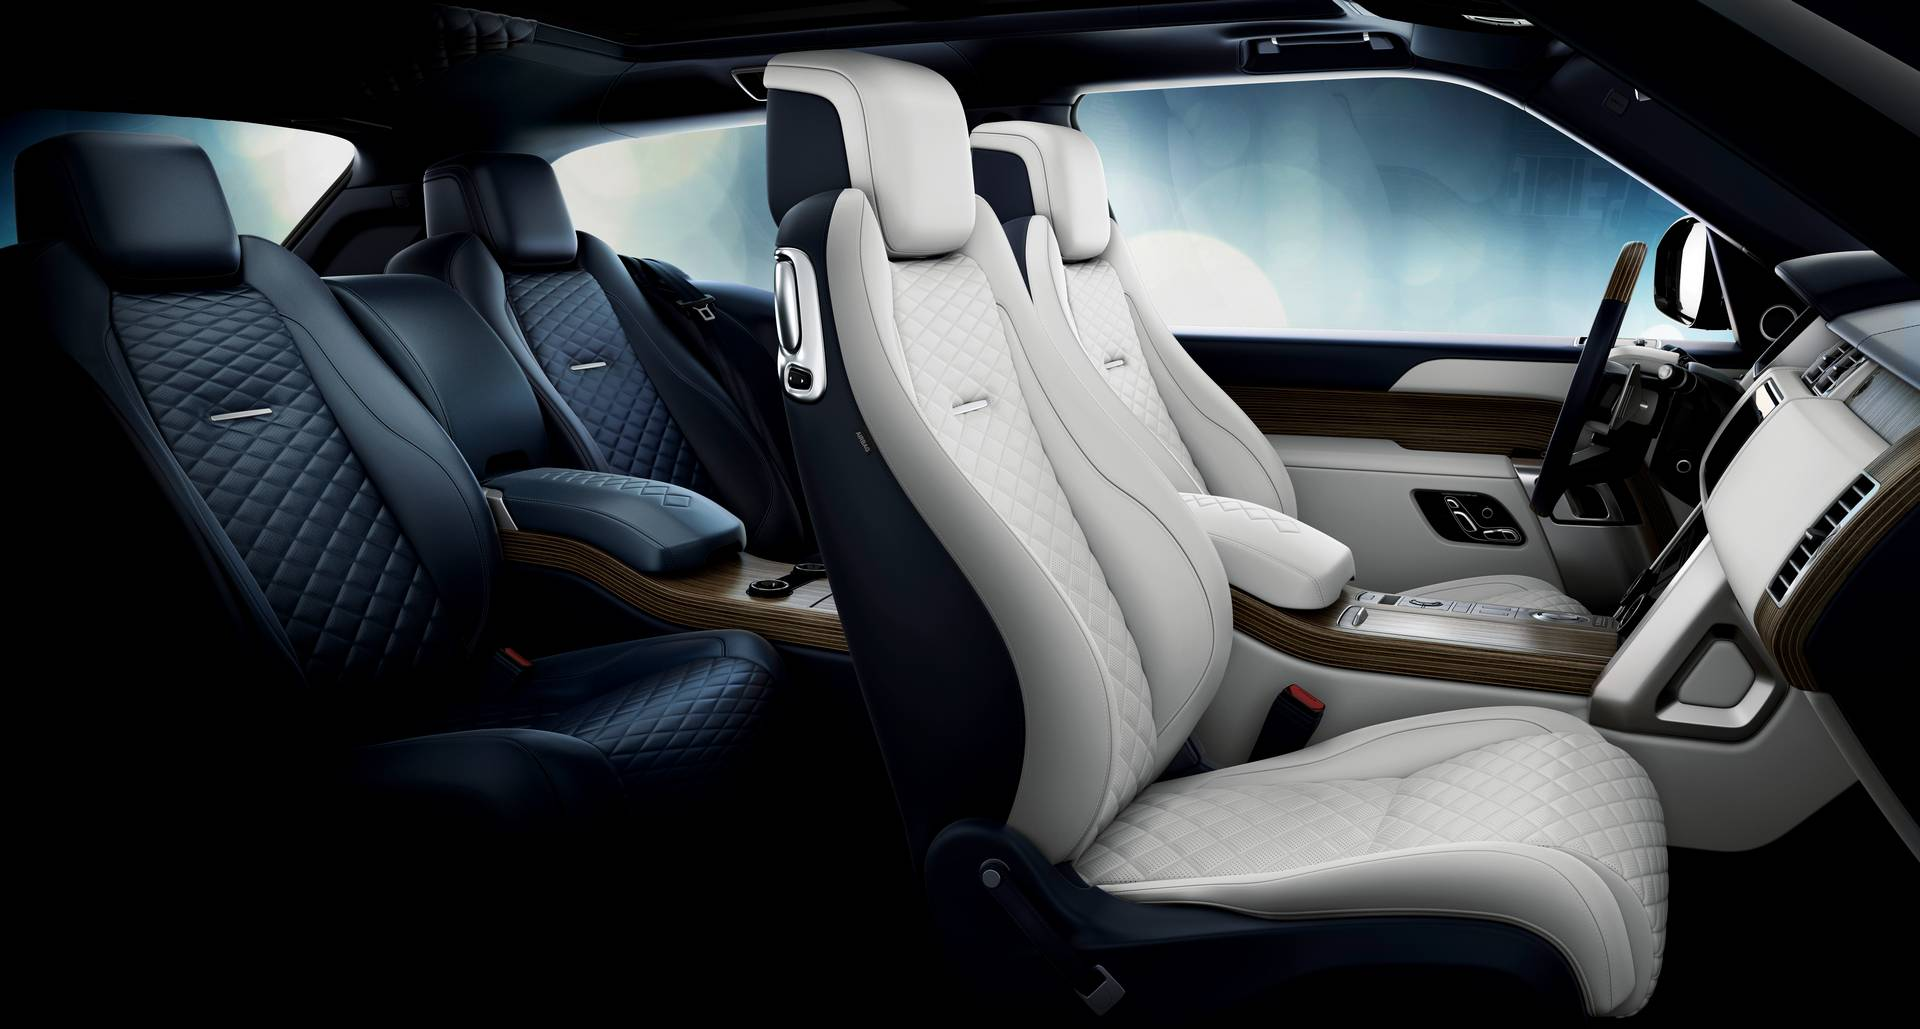 Новые цвета также доступны для SV, включая цвет Contour Graphic. Впервые Range Rover оборудован 23-дюймовыми колесами. Опционально доступна отделка под названием Liquesence.